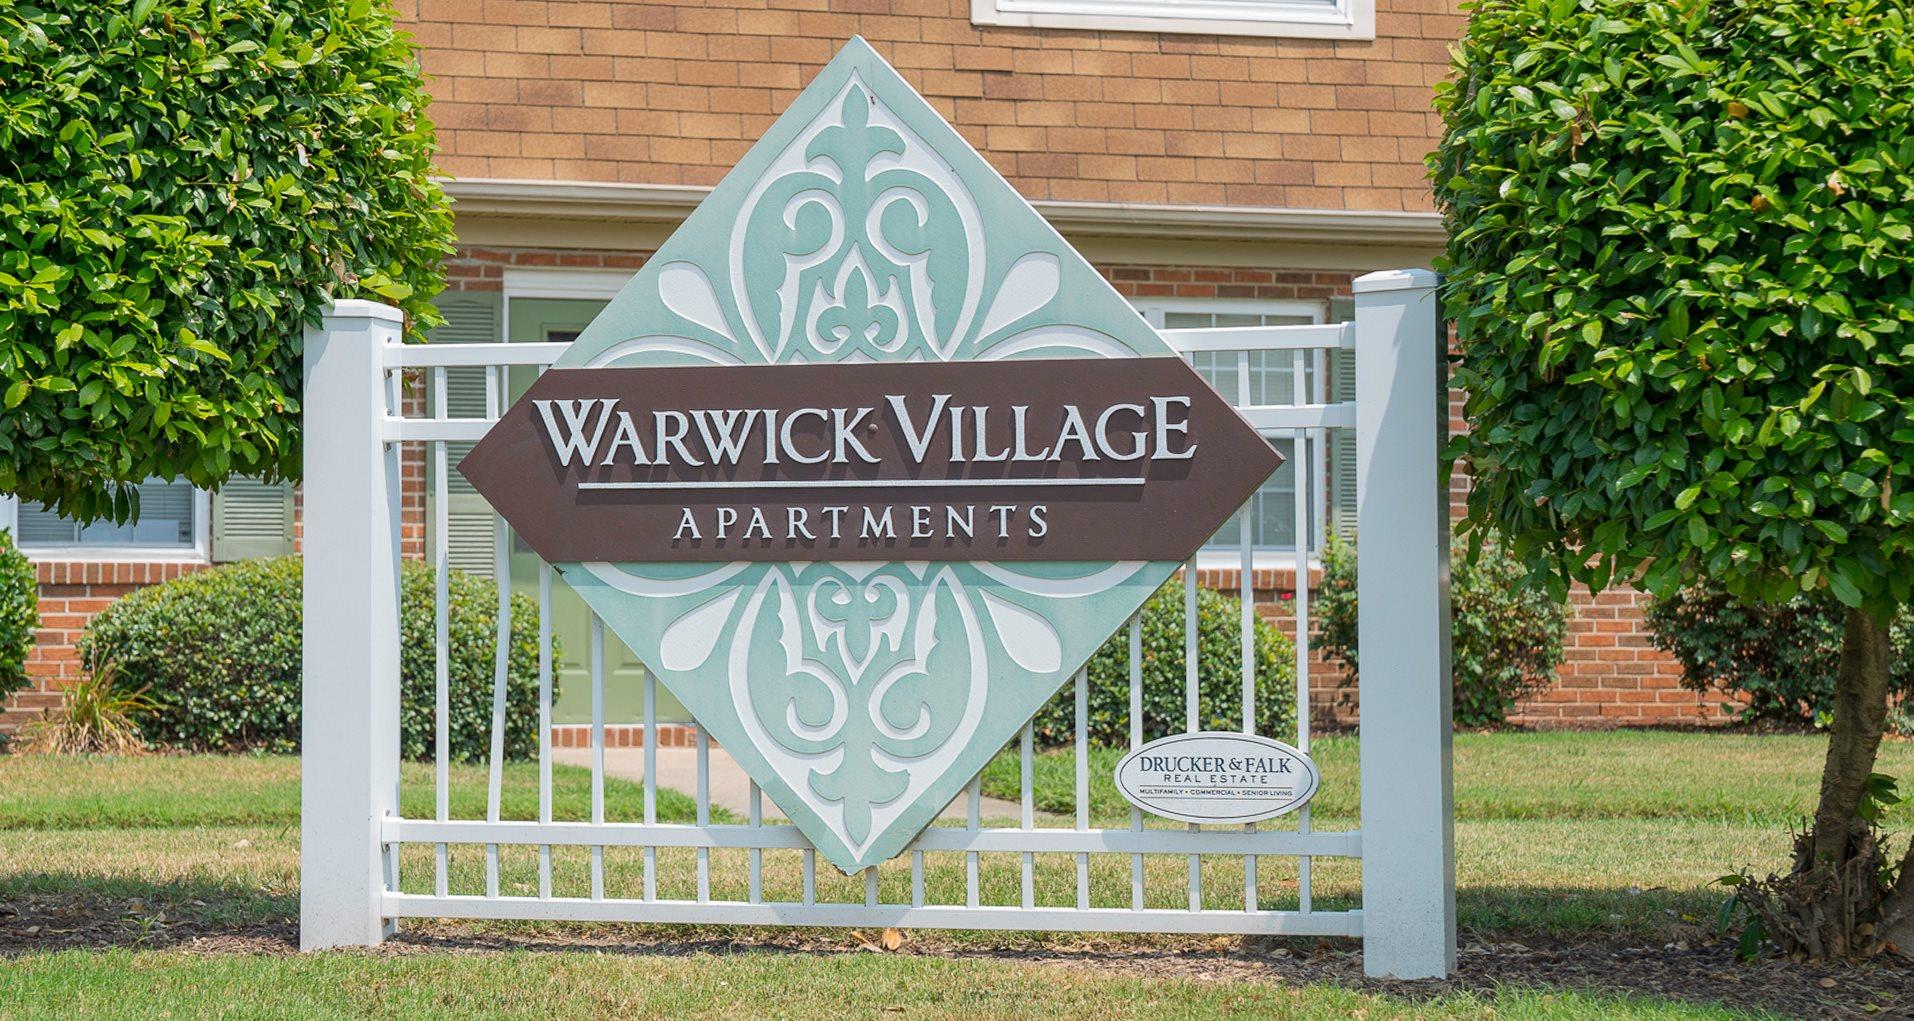 Sign at Warwick Village Apartments